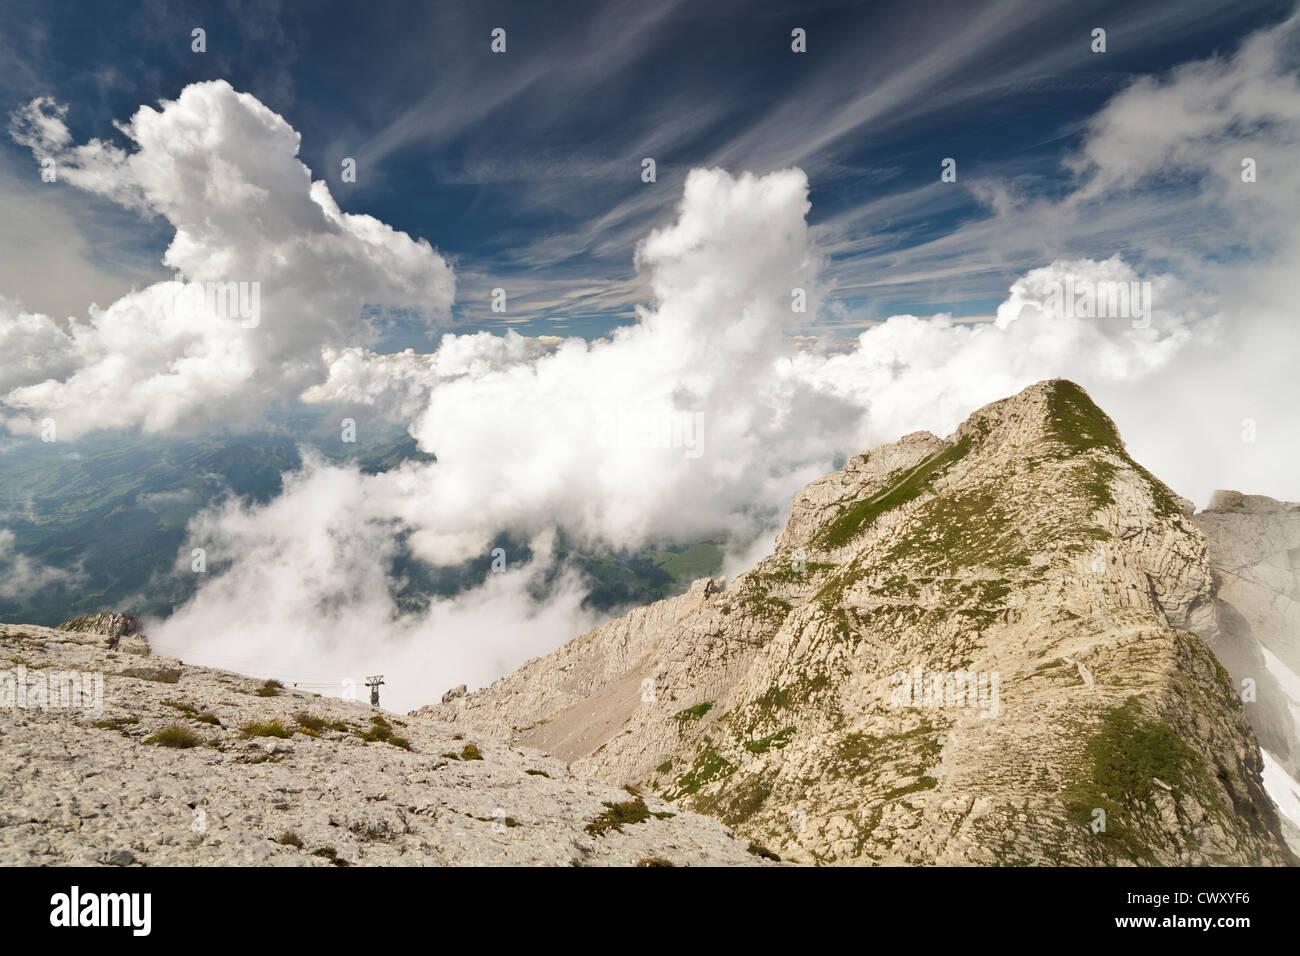 Foto vom Gipfel des Säntis in der Schweiz mit schönen blauen Himmel und weiße flauschige Wolken. Stockbild